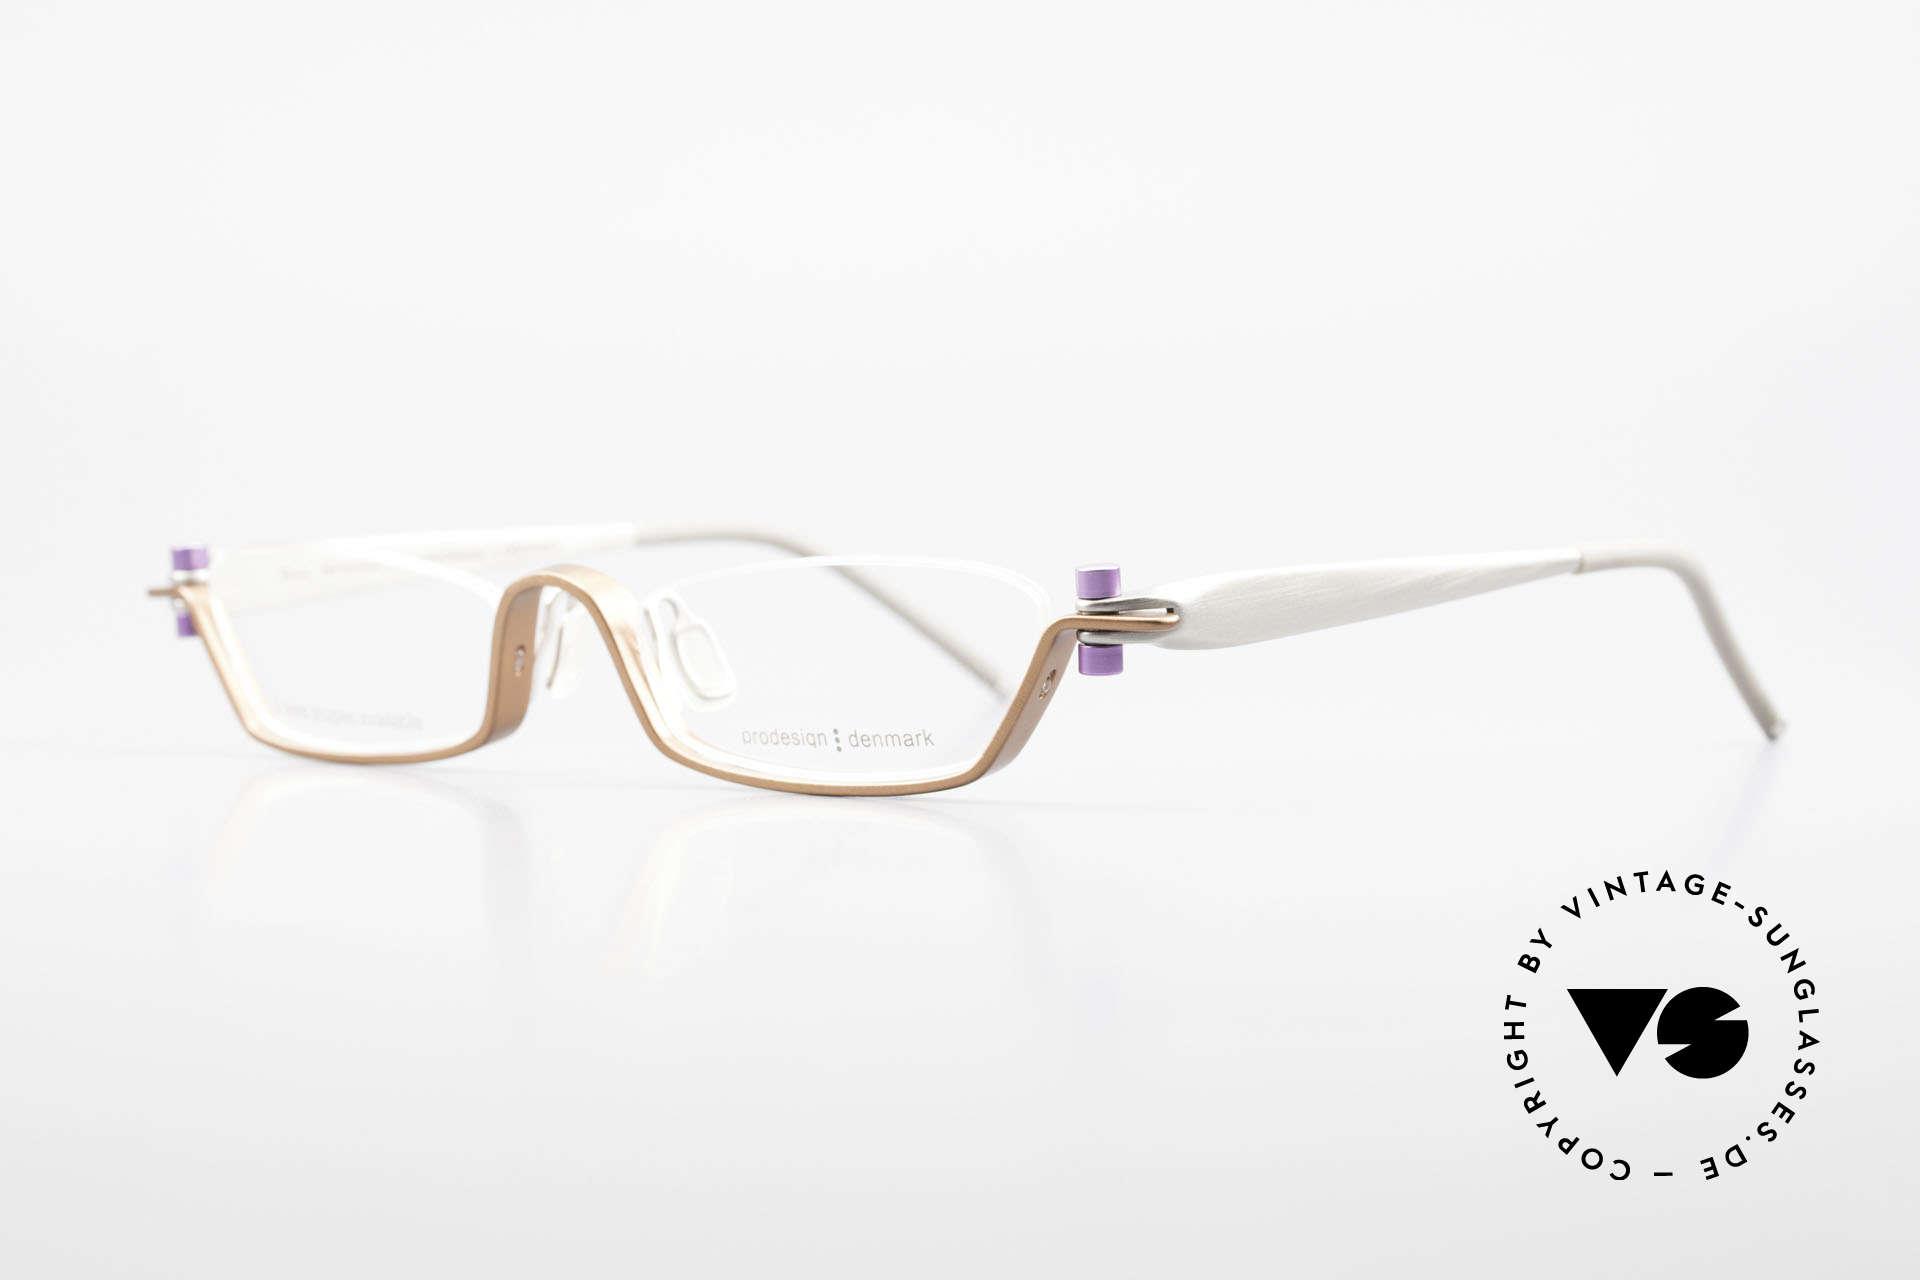 ProDesign 9901 Designer Brille Gail Spence, der Nachfolger der berühmten N°ONE FILMBRILLE, Passend für Herren und Damen